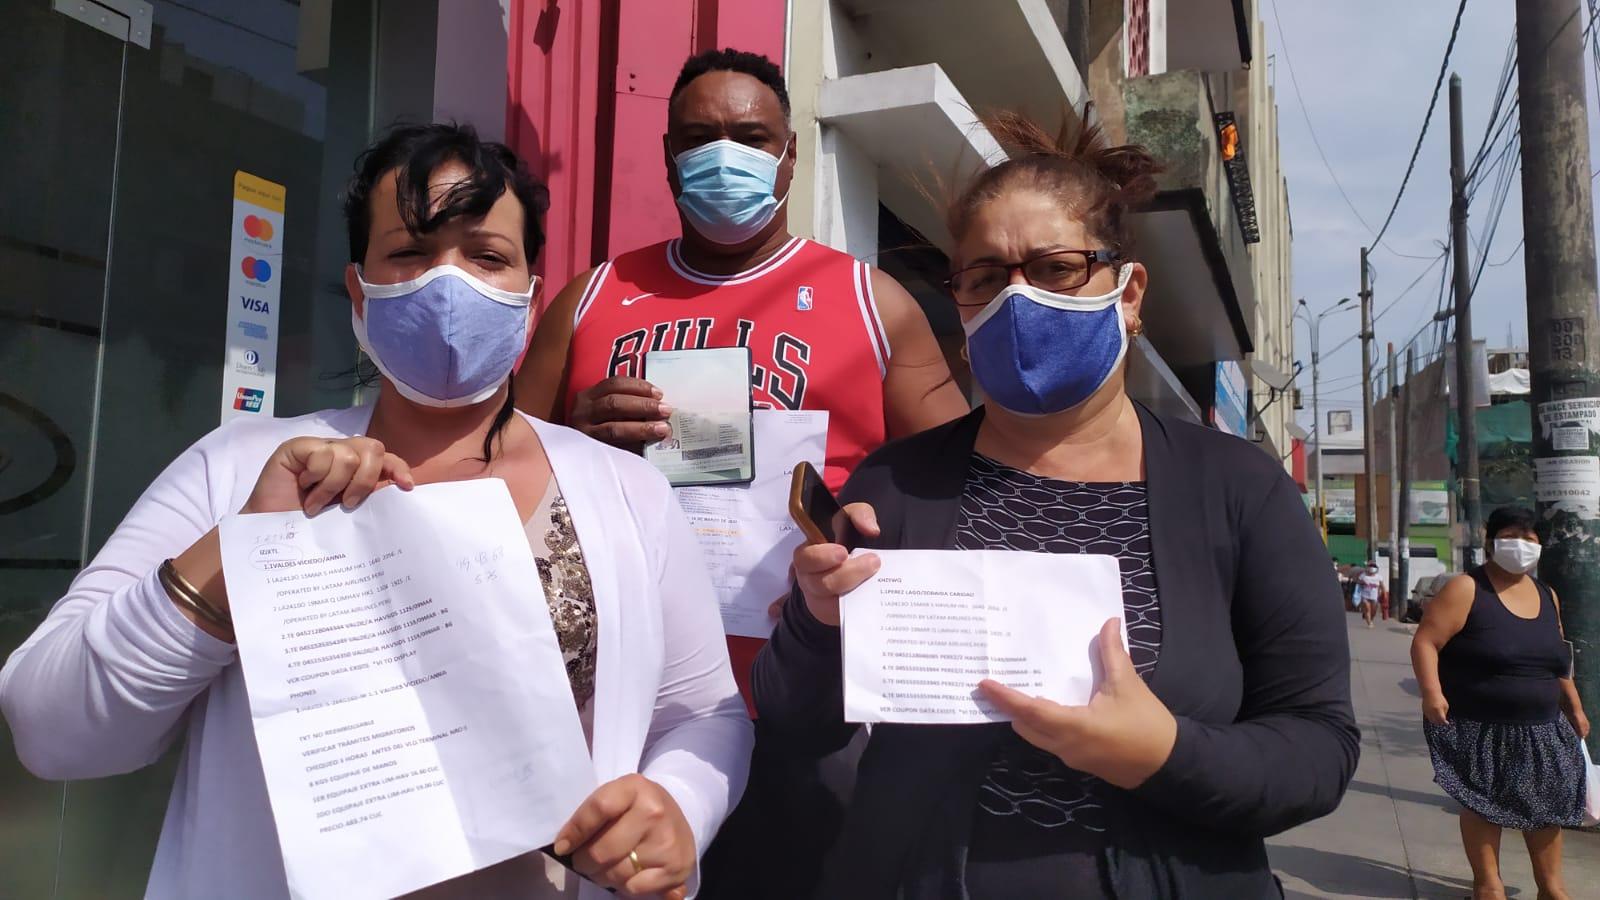 Annia, Zoraida y Alexis muestran sus tickets de reprogramación de Latam que fue nuevamente cancelado. Foto: Luis Enrique Pérez / Convoca.pe